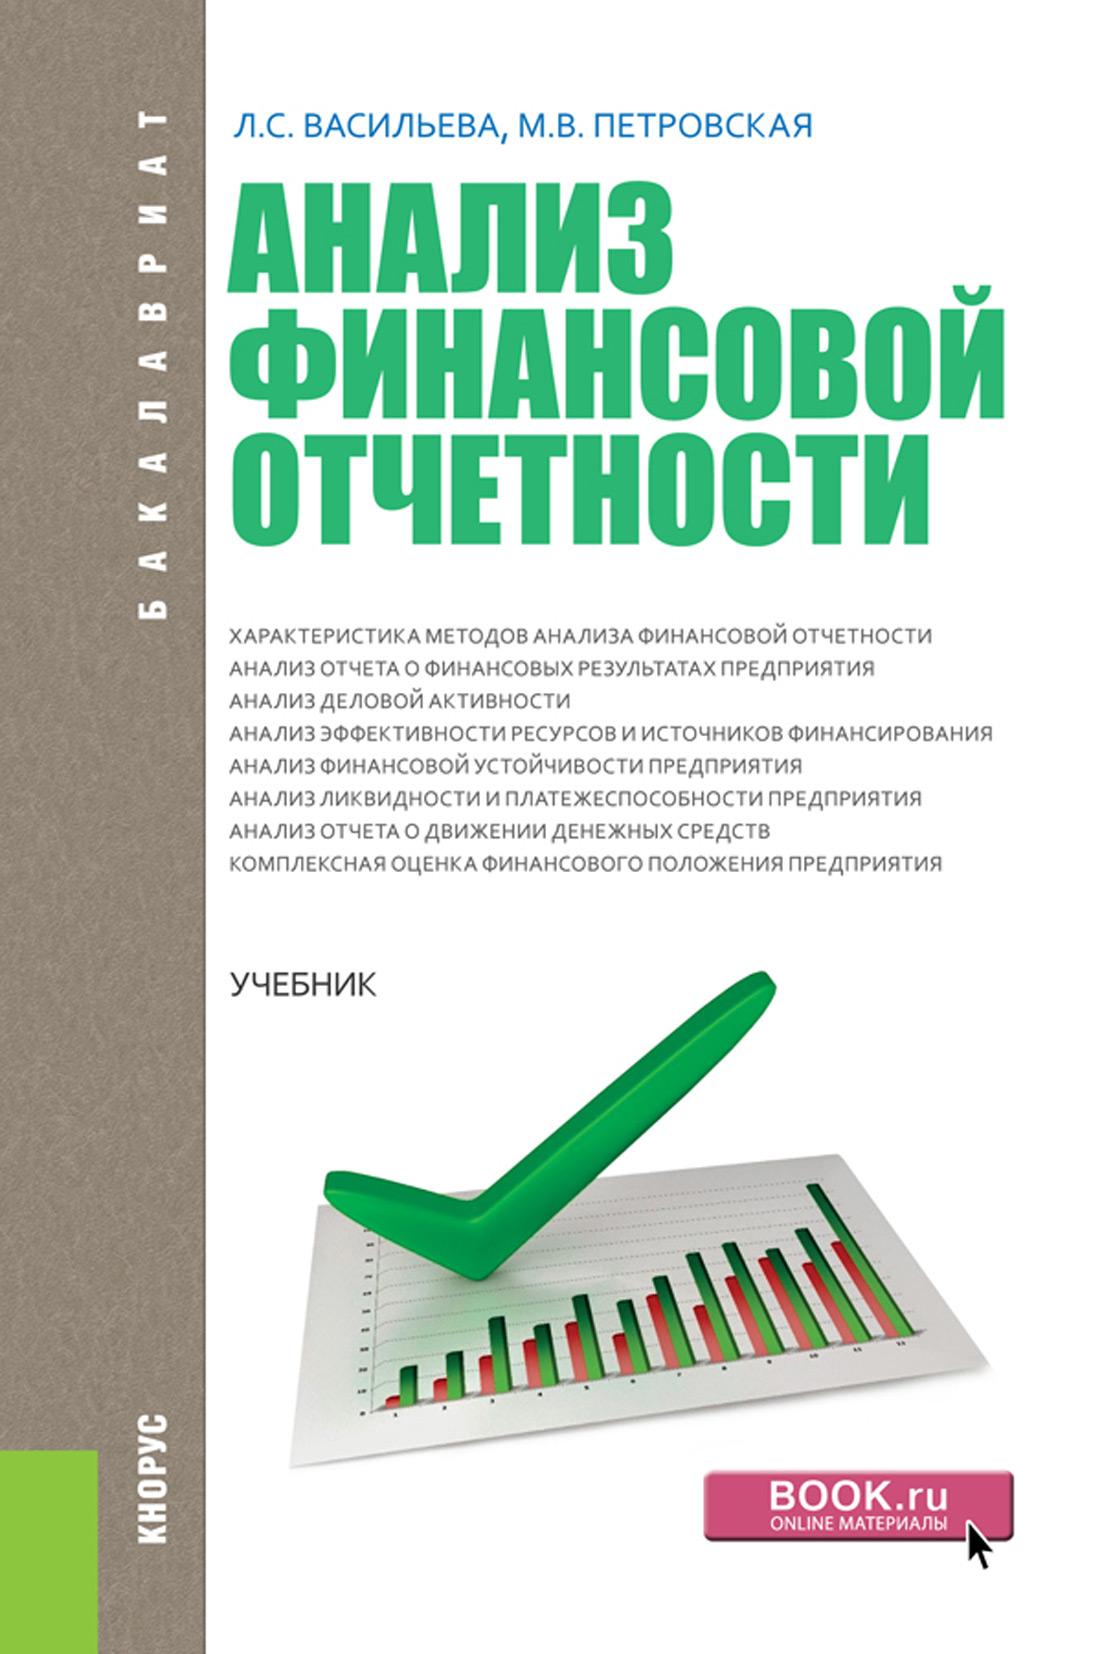 Анализ финансовой отчетности